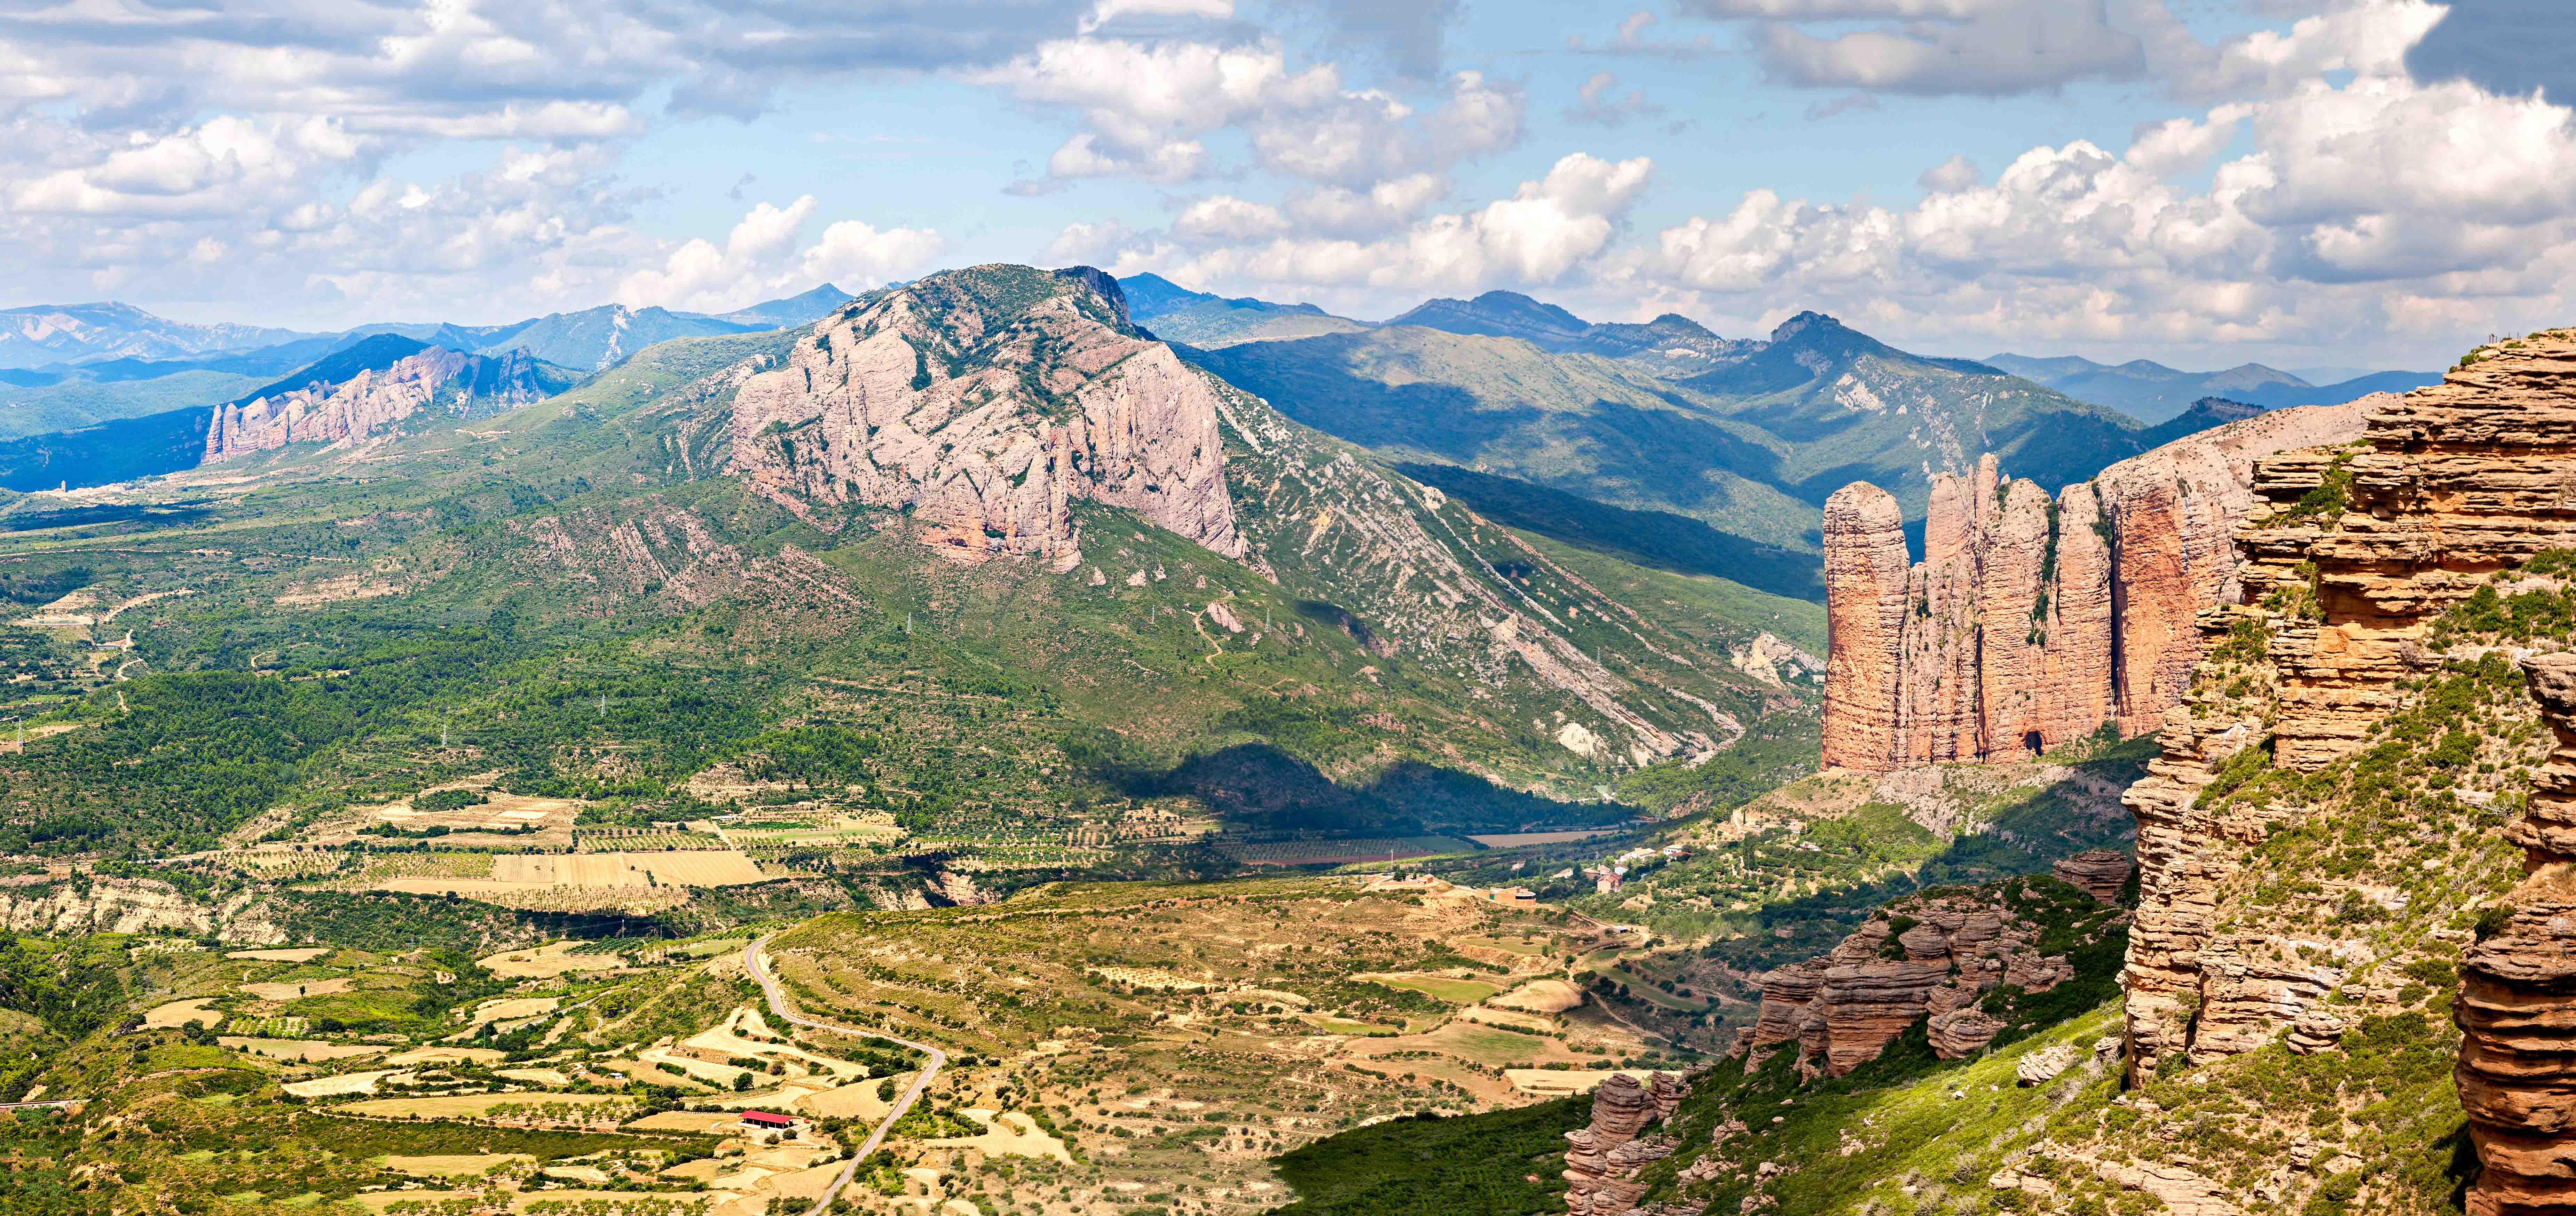 Turismo natural en Aragón